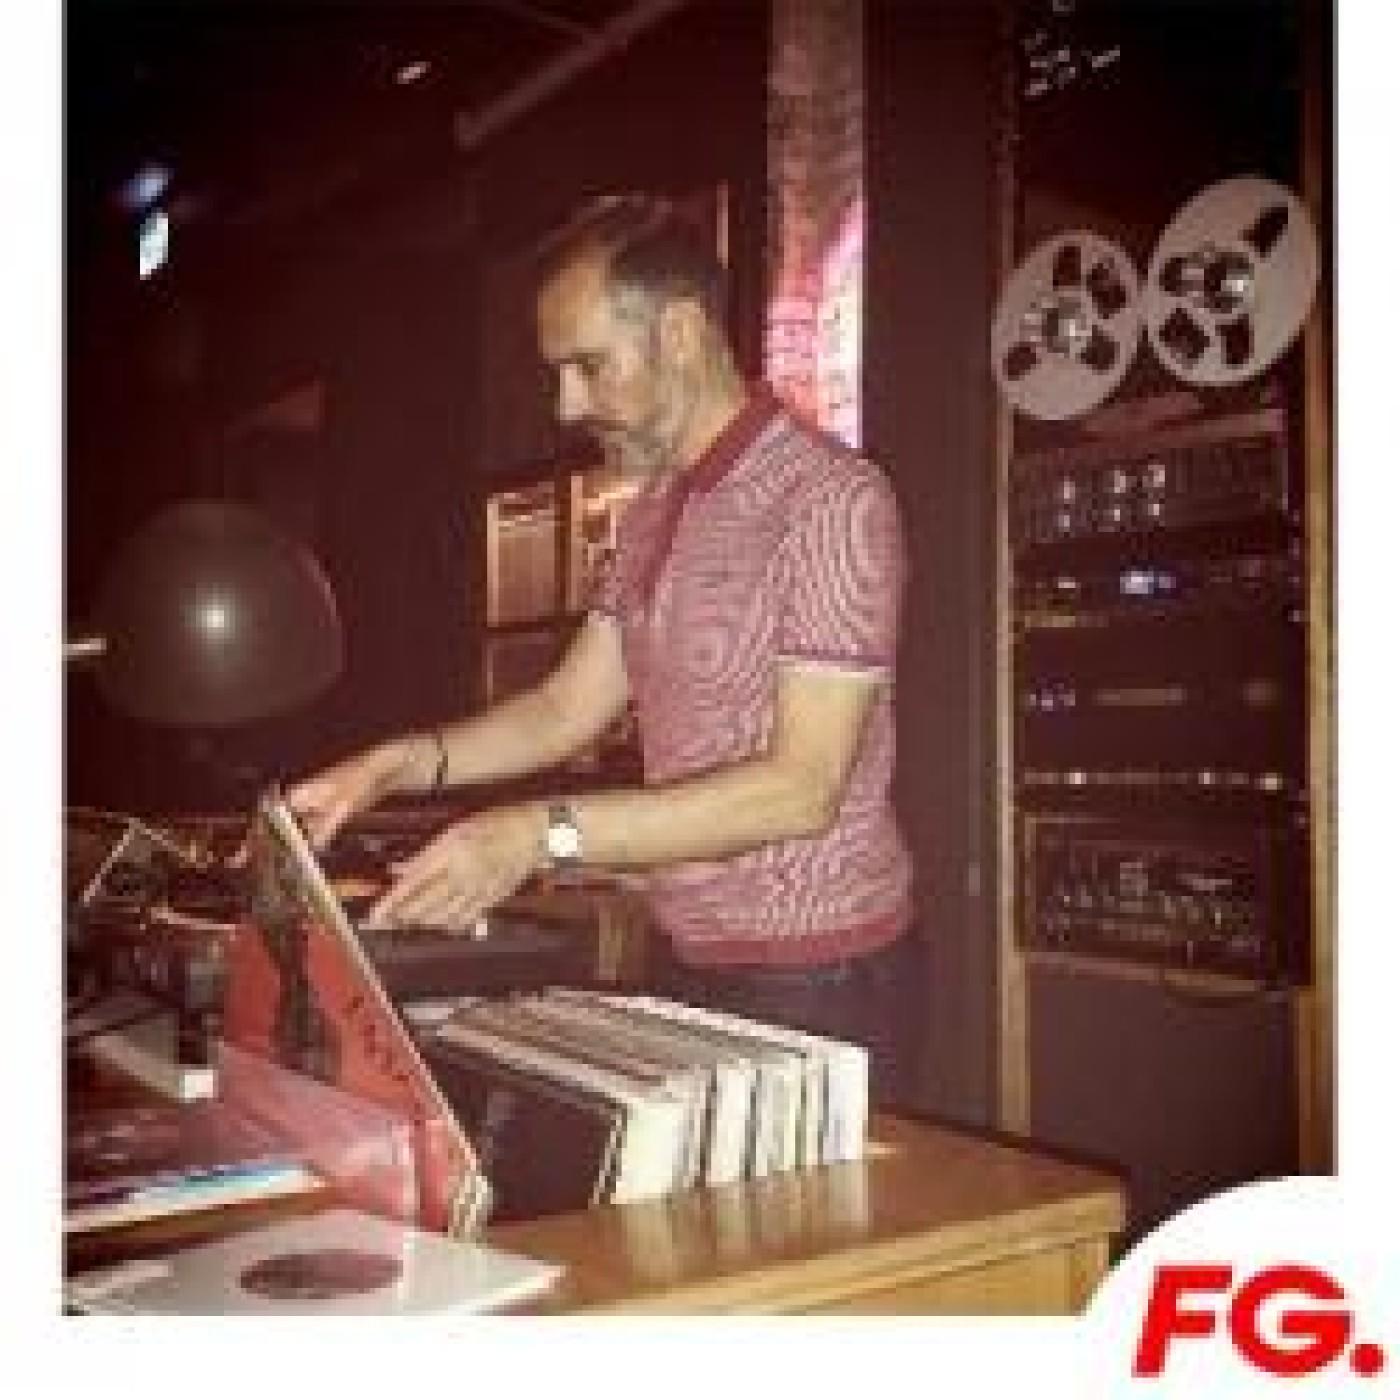 CLUB FG : SEAMUS HAJI